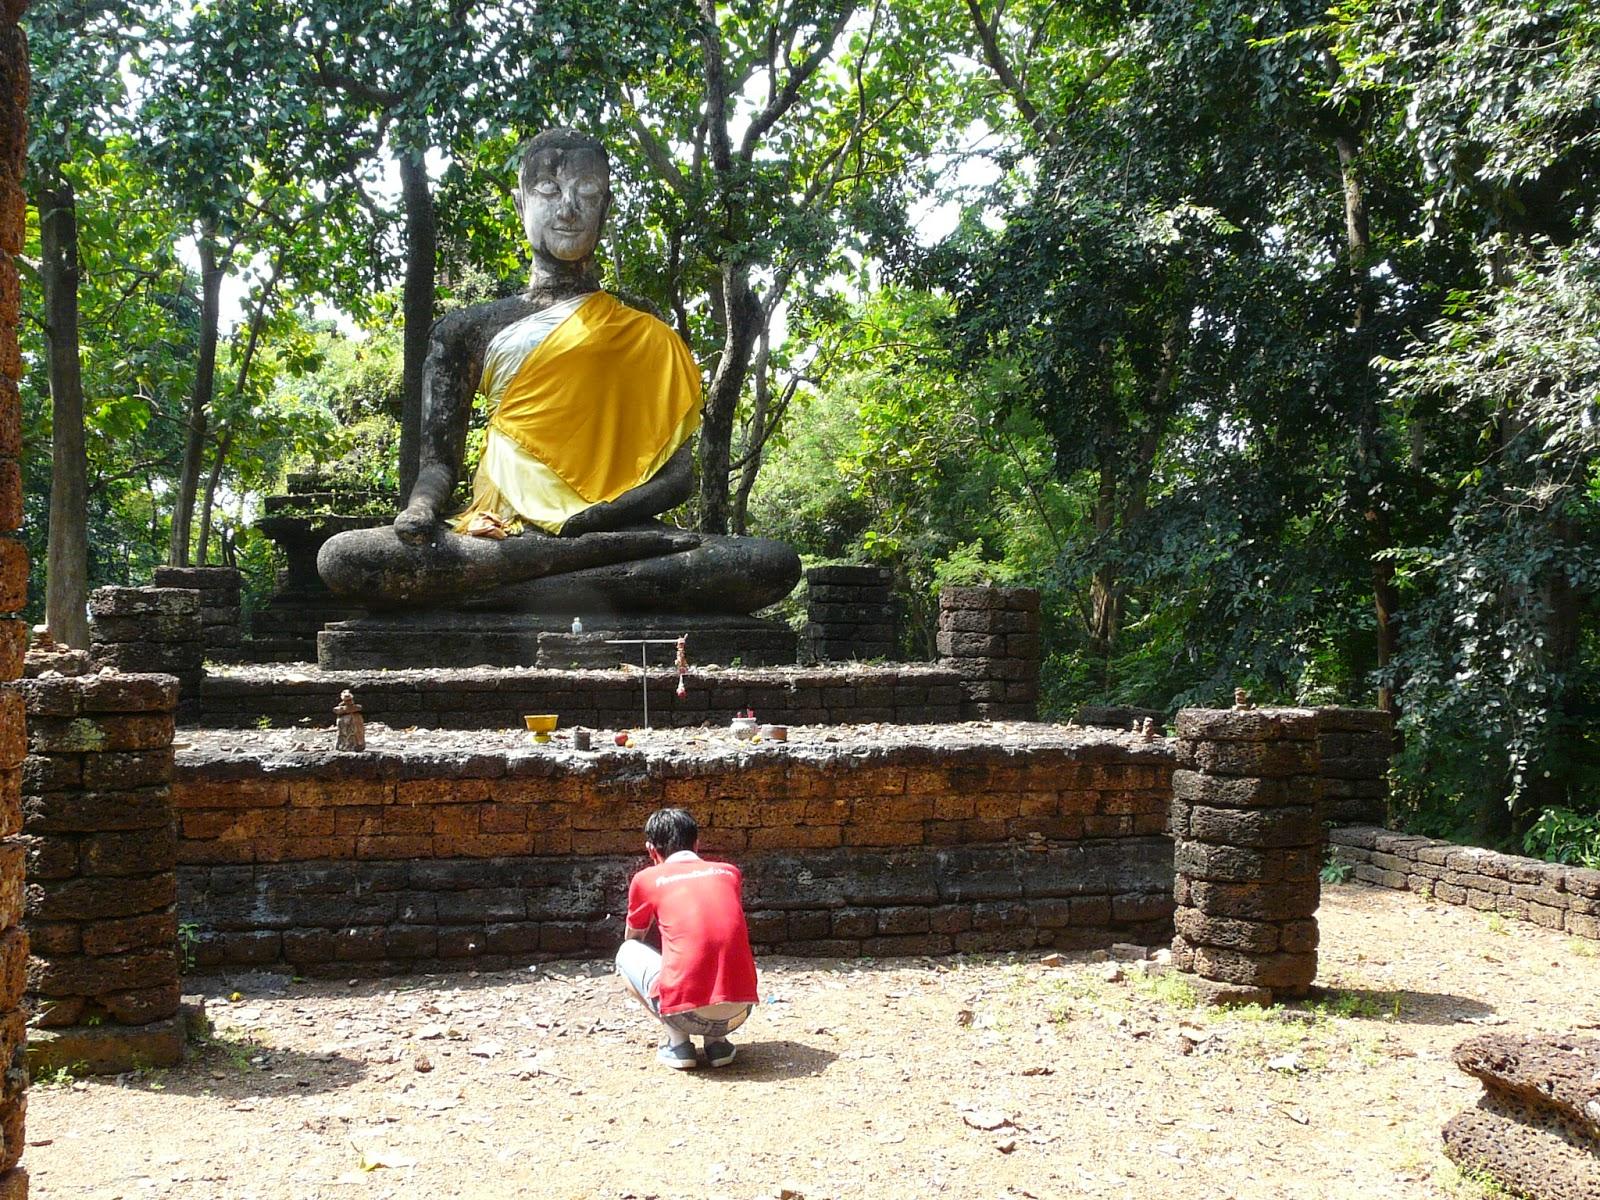 Sri Sachanalai Historic Park, Sukhothai province